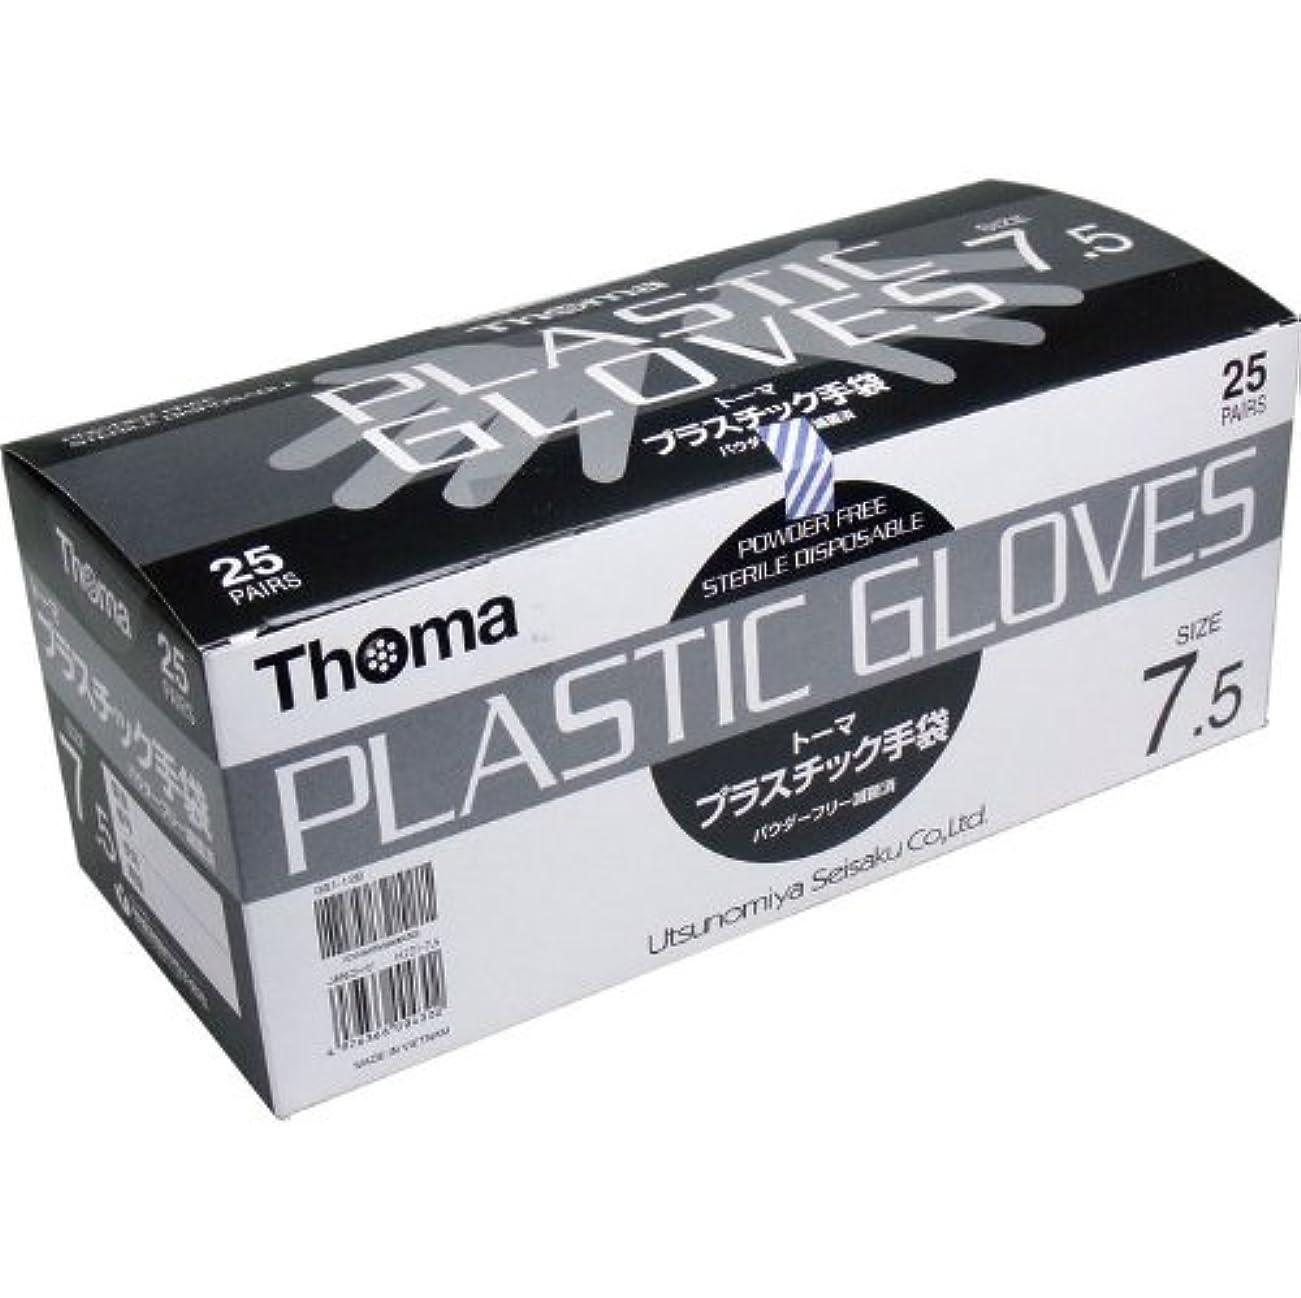 リンス女王鳩パウダーフリー手袋 1双毎に滅菌包装、衛生的 便利 トーマ プラスチック手袋 パウダーフリー滅菌済 25双入 サイズ7.5【4個セット】